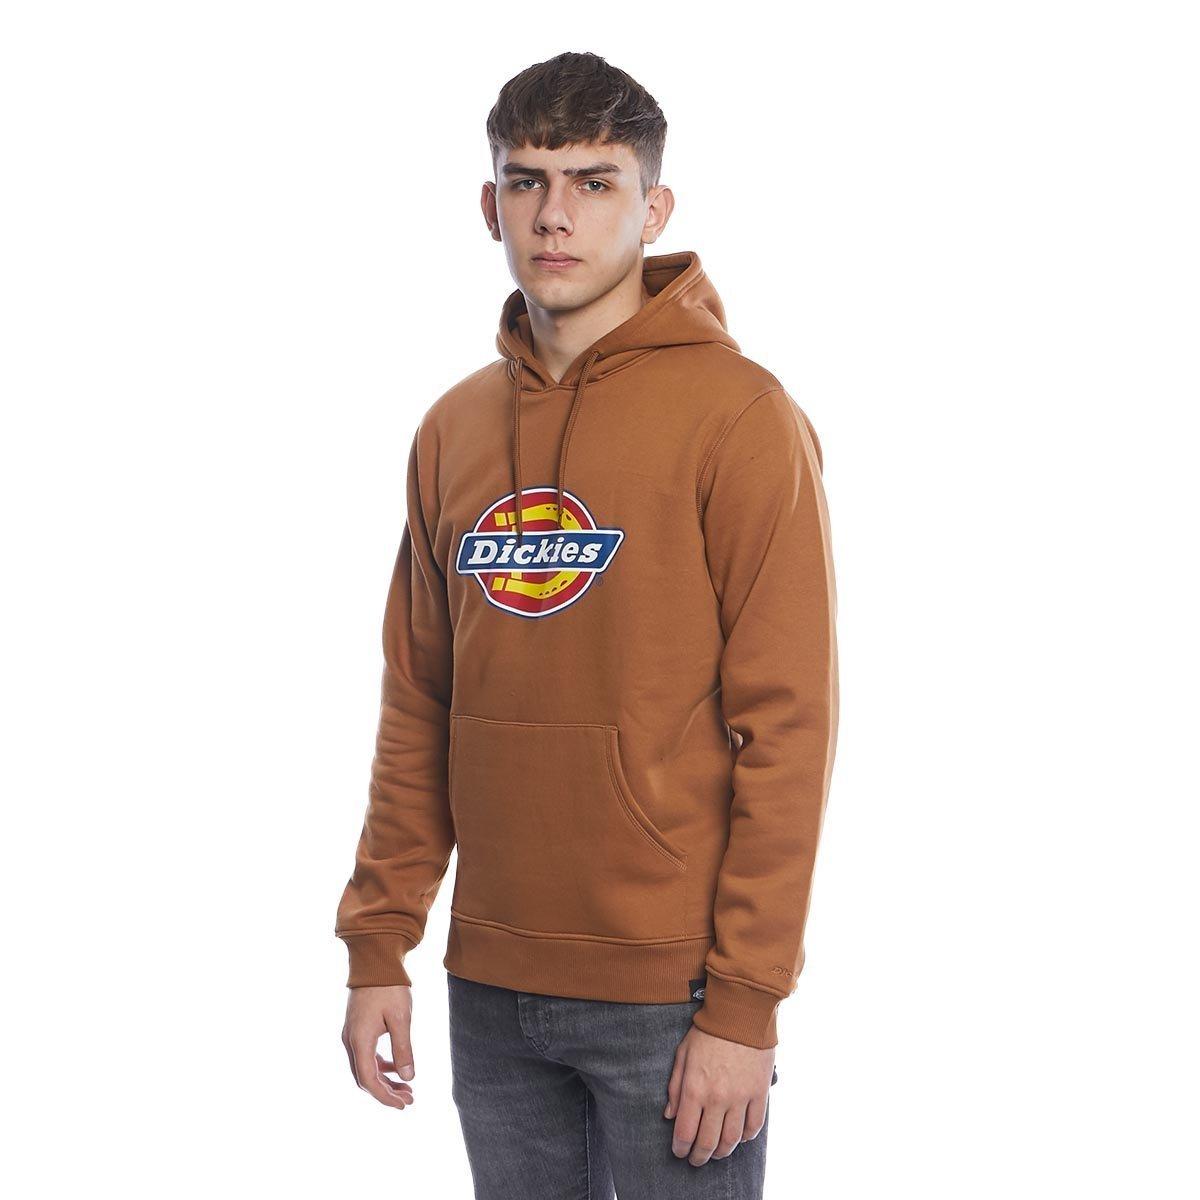 Sweatshirt Dickies San Antonio Hoody brown duck